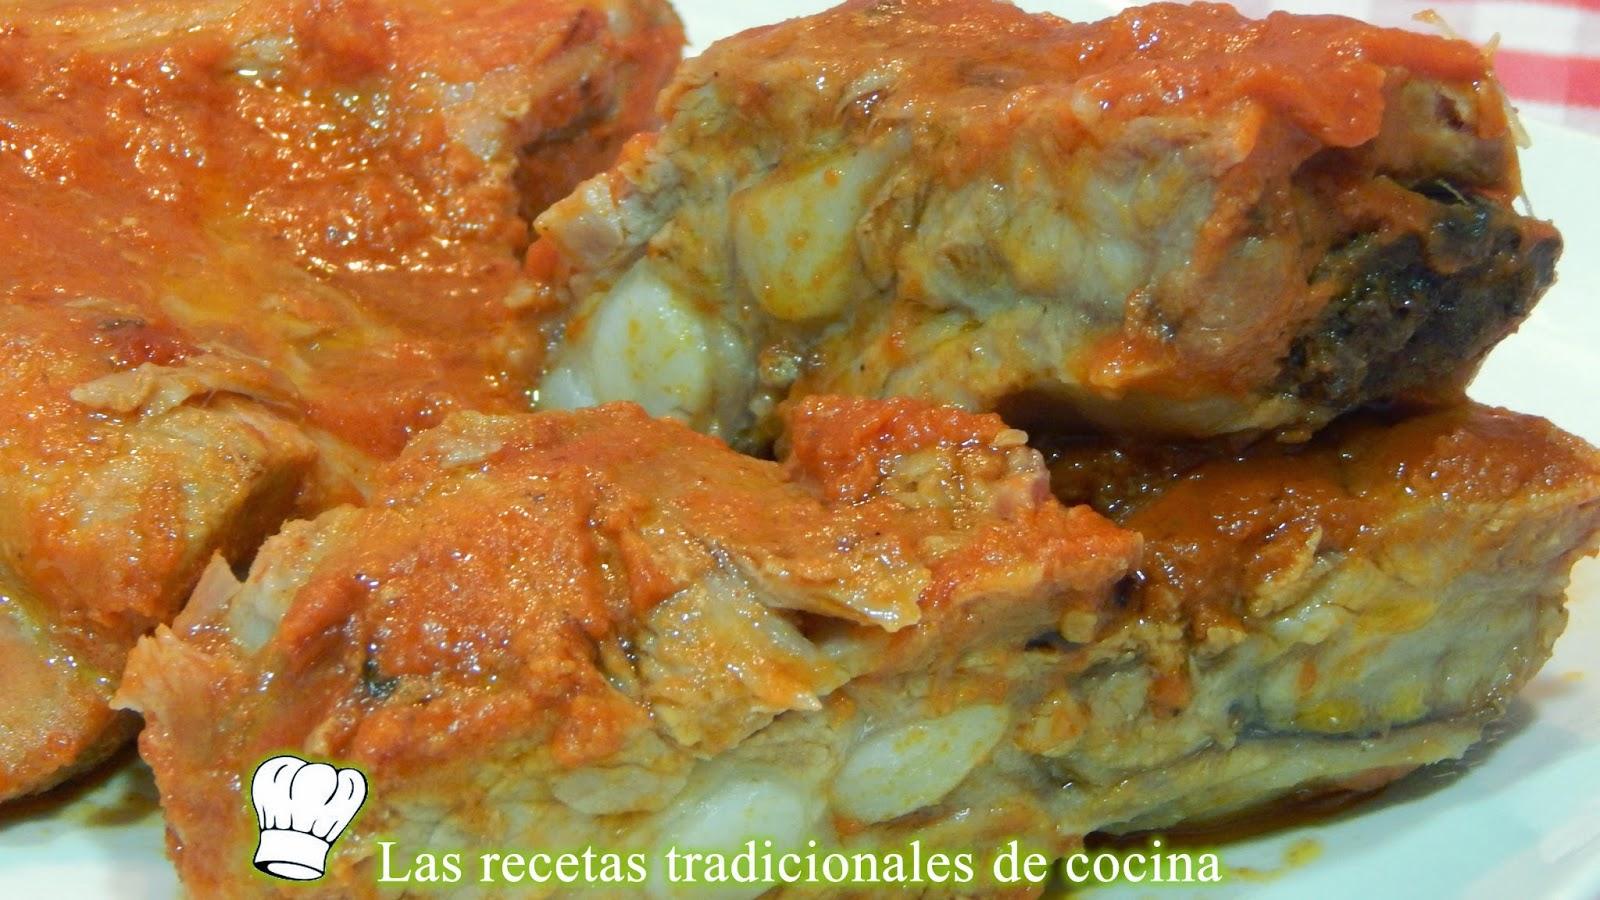 Costillas de cerdo al horno con salsa barbacoa, tiernas y jugosas